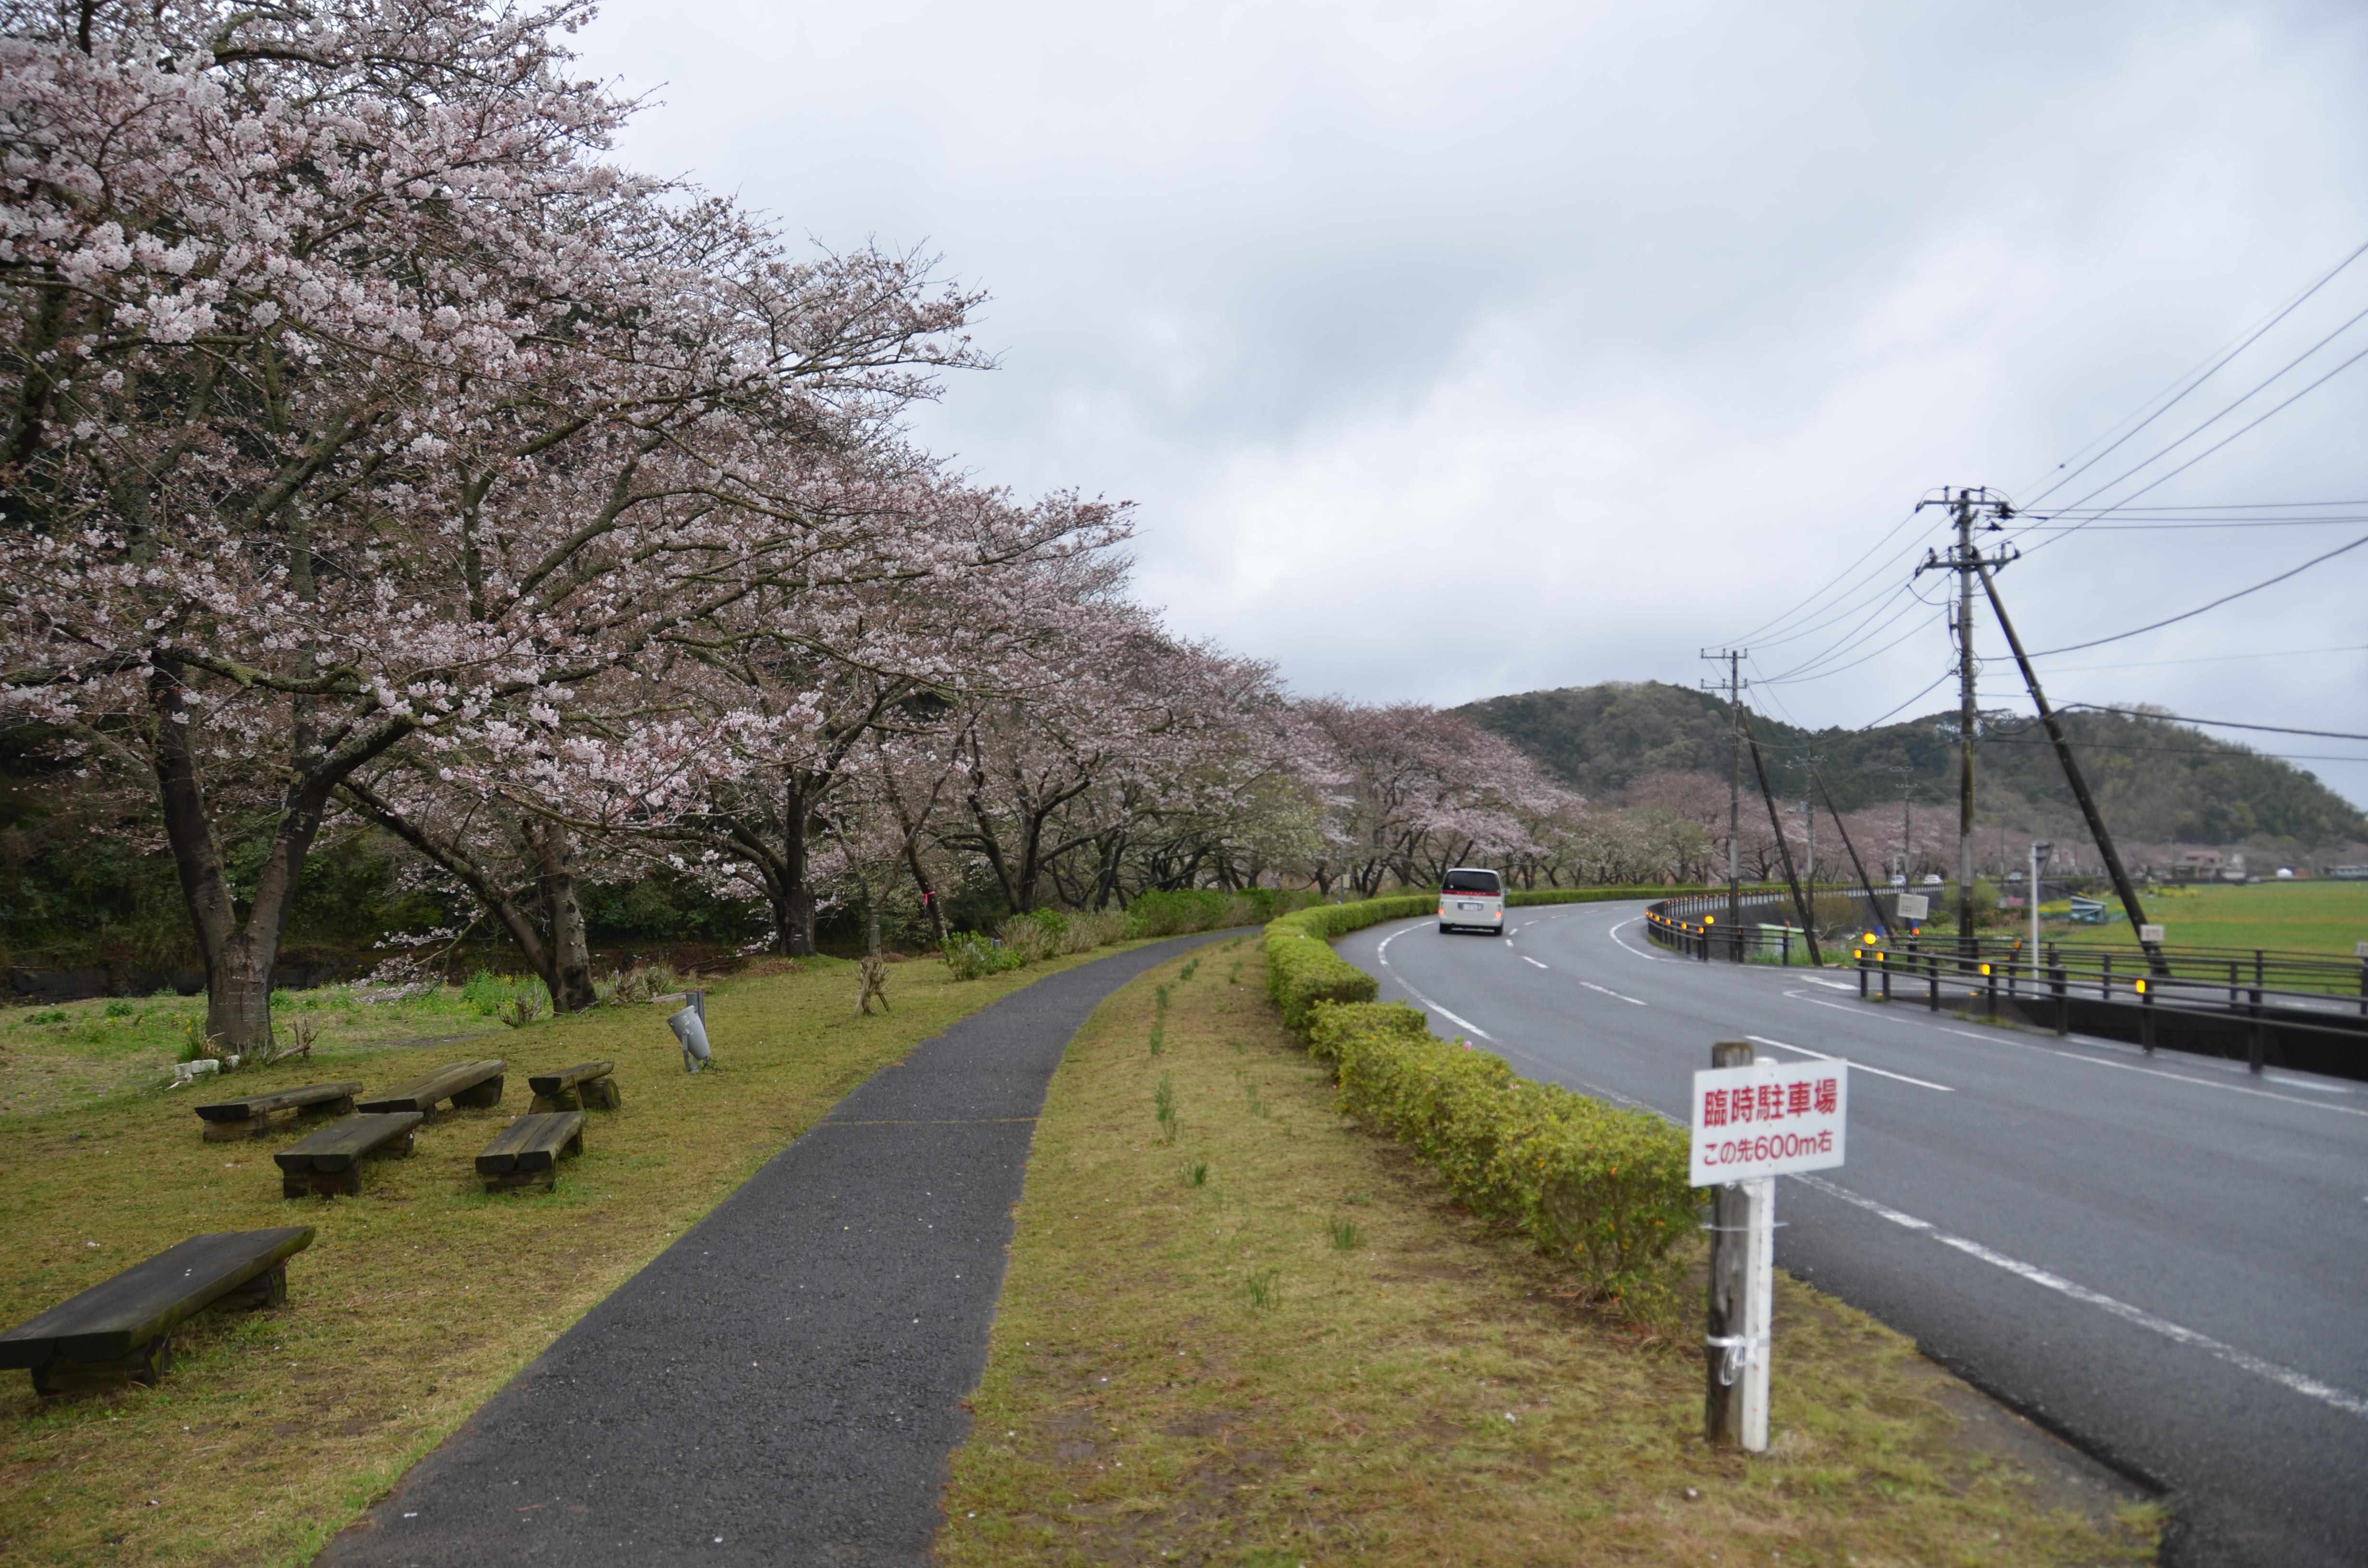 4/7(金)松崎町ソメイヨシノ開花状況です。